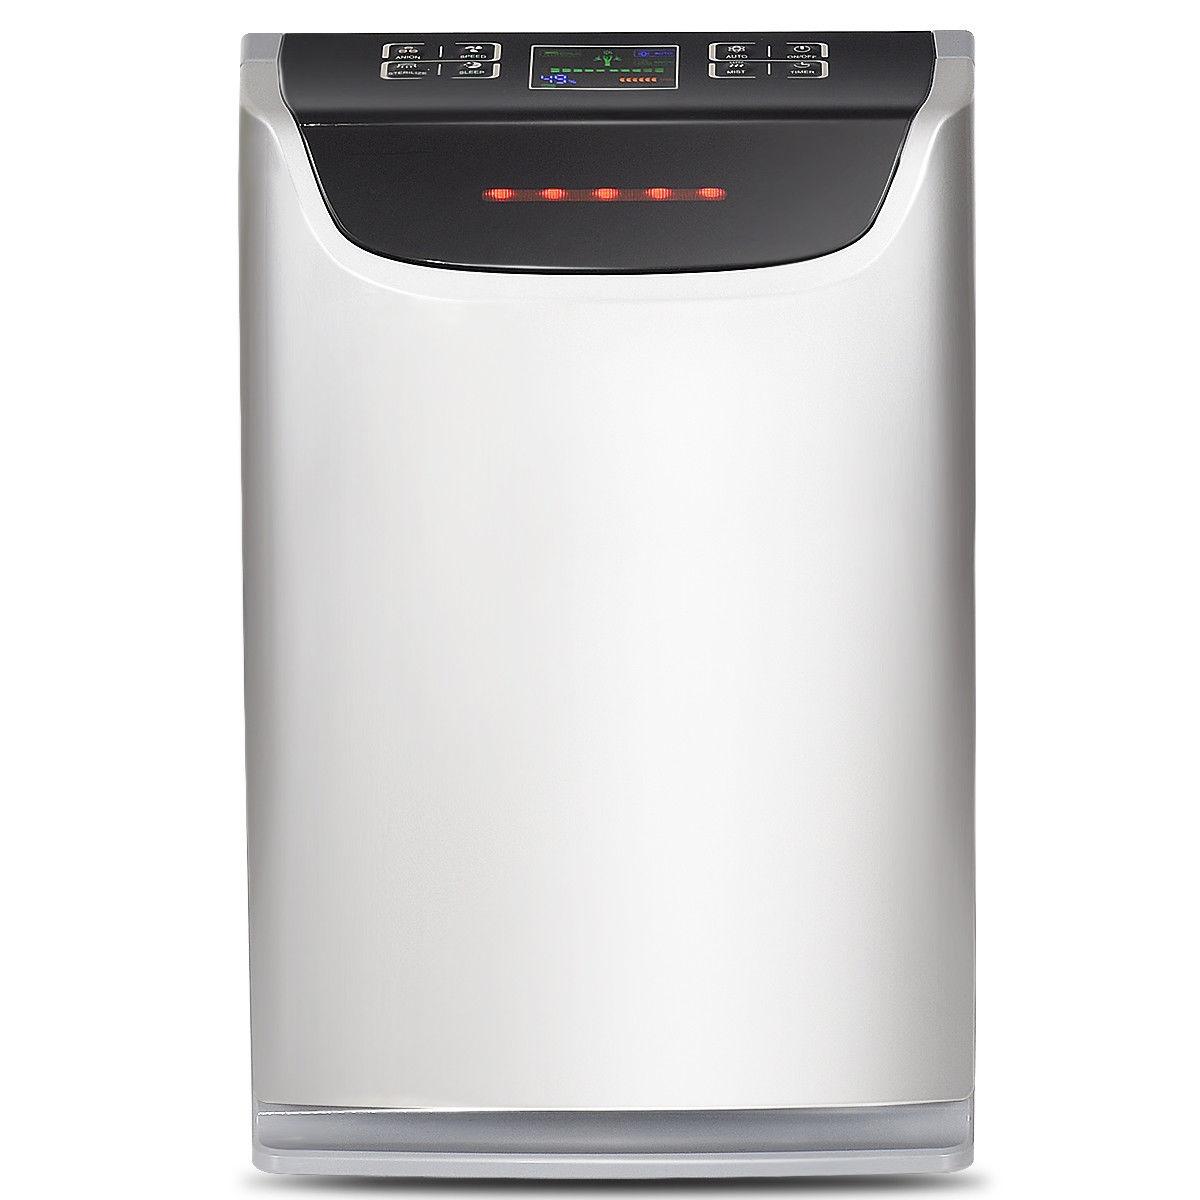 HEPA Air Purifier Powerful Air Cleaner